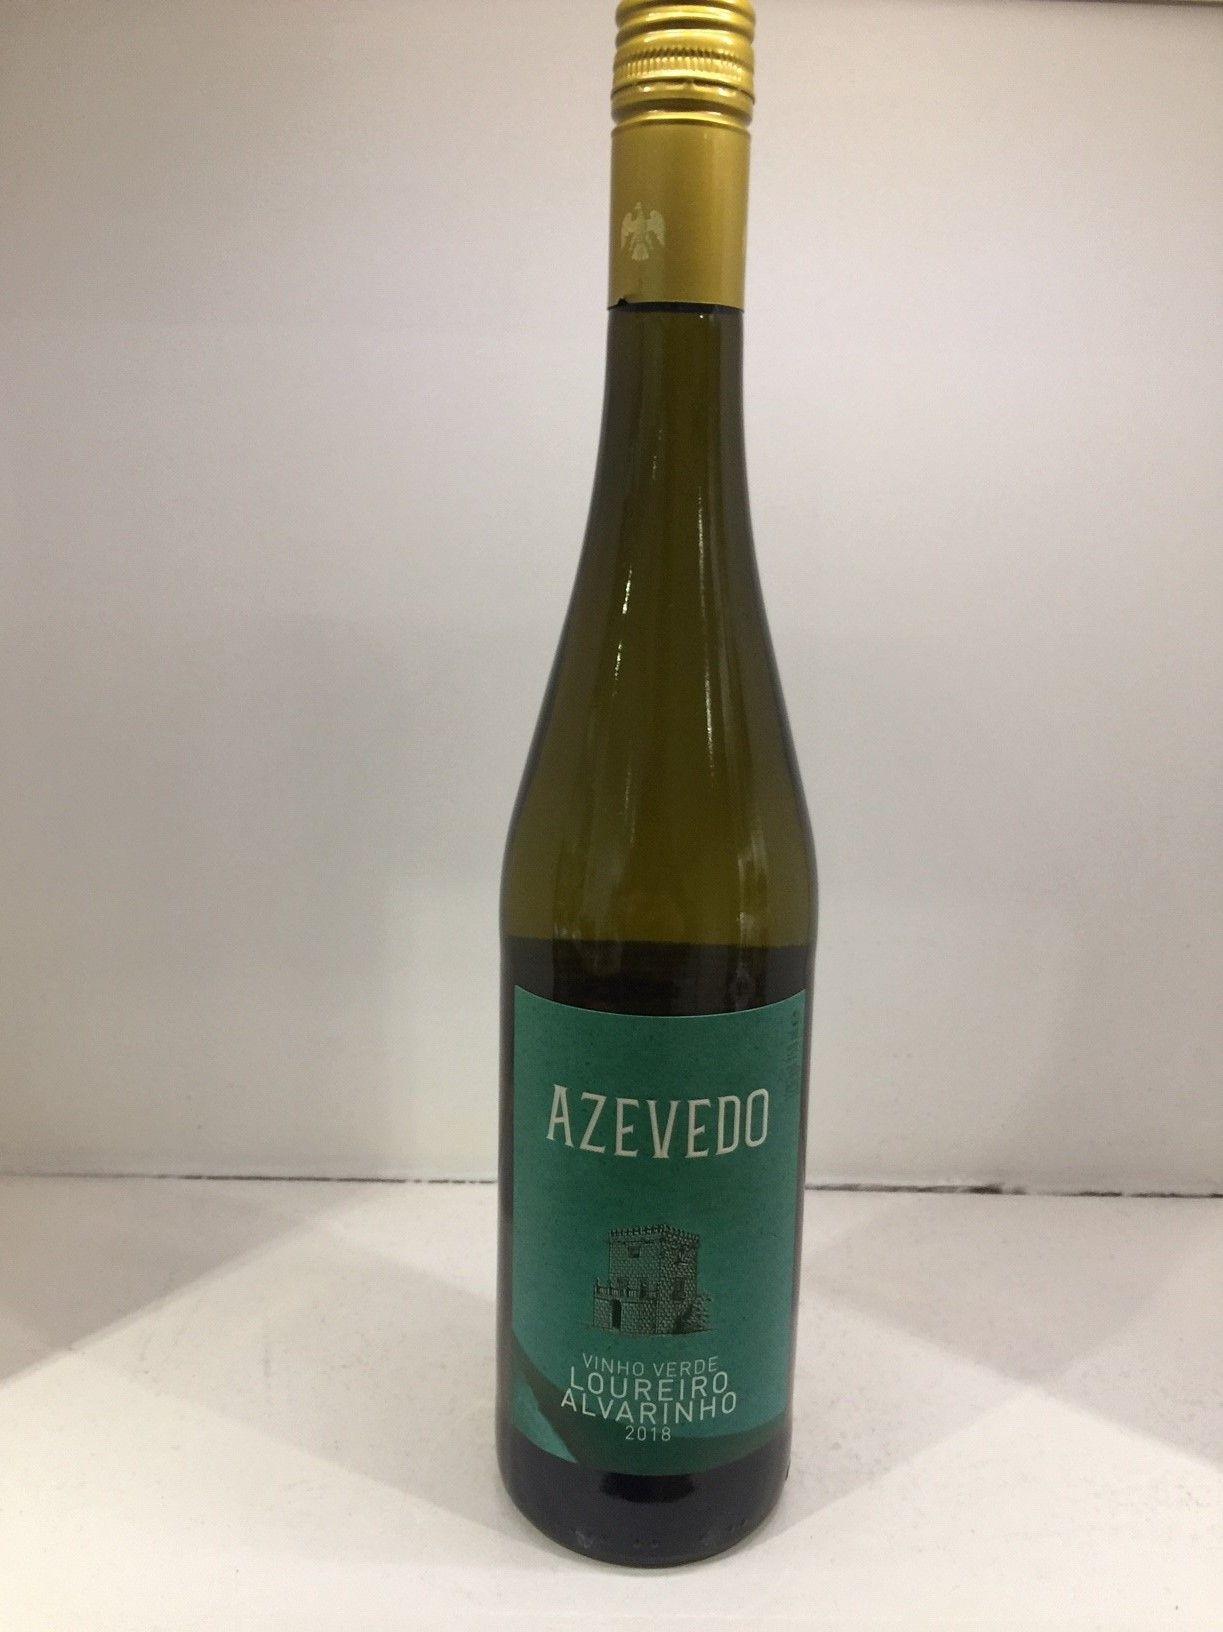 Azevedo Vinho Verde Loureiro/Alvarinho